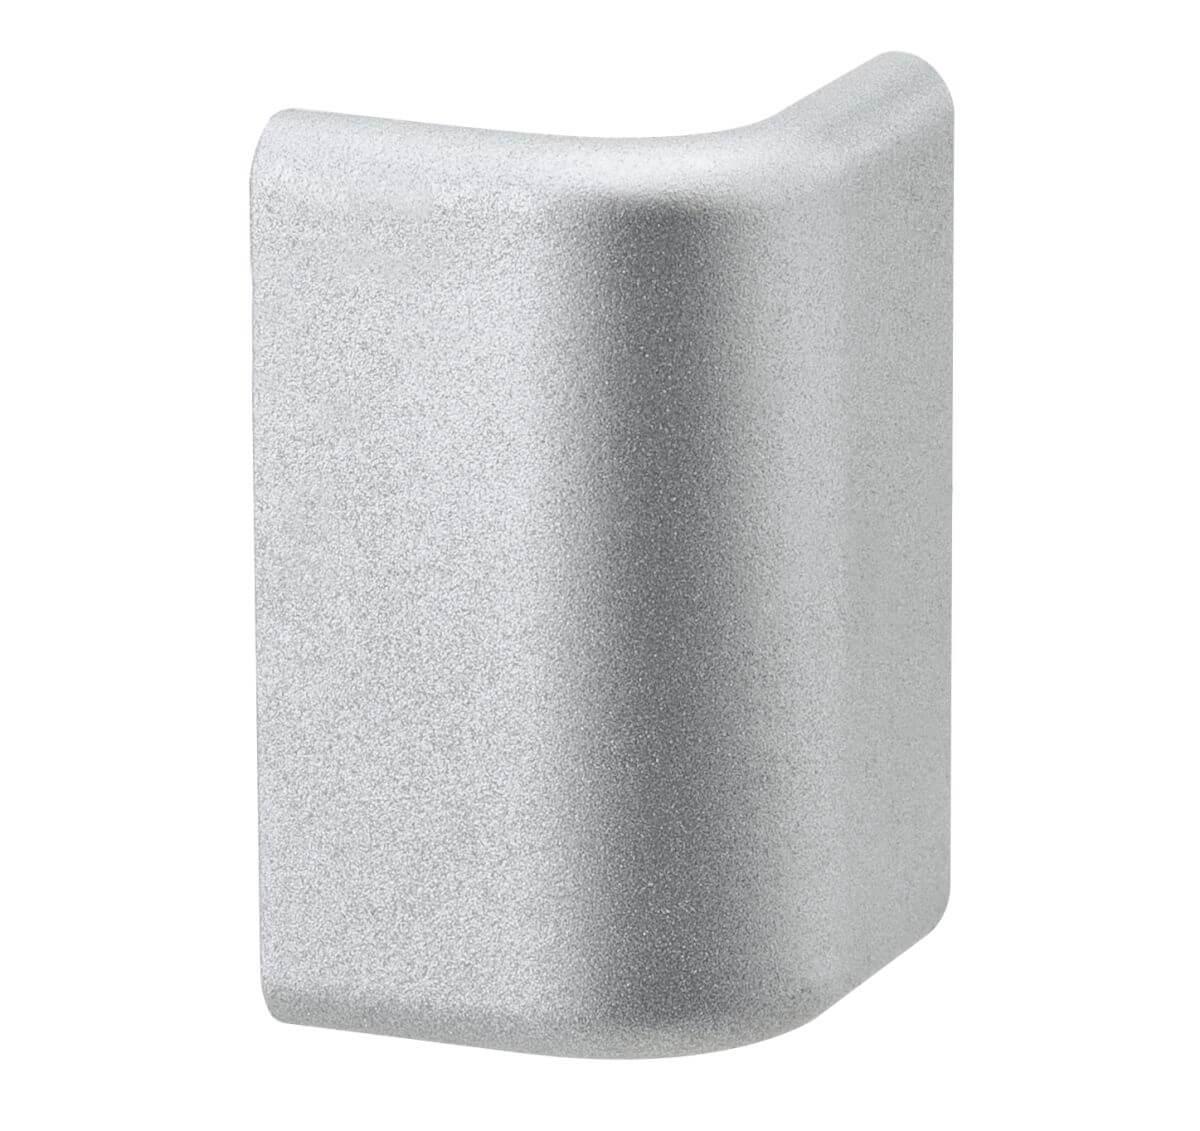 PaulmannDuo Profil Cap, 2er Pack, Alu matt, Kunststoff